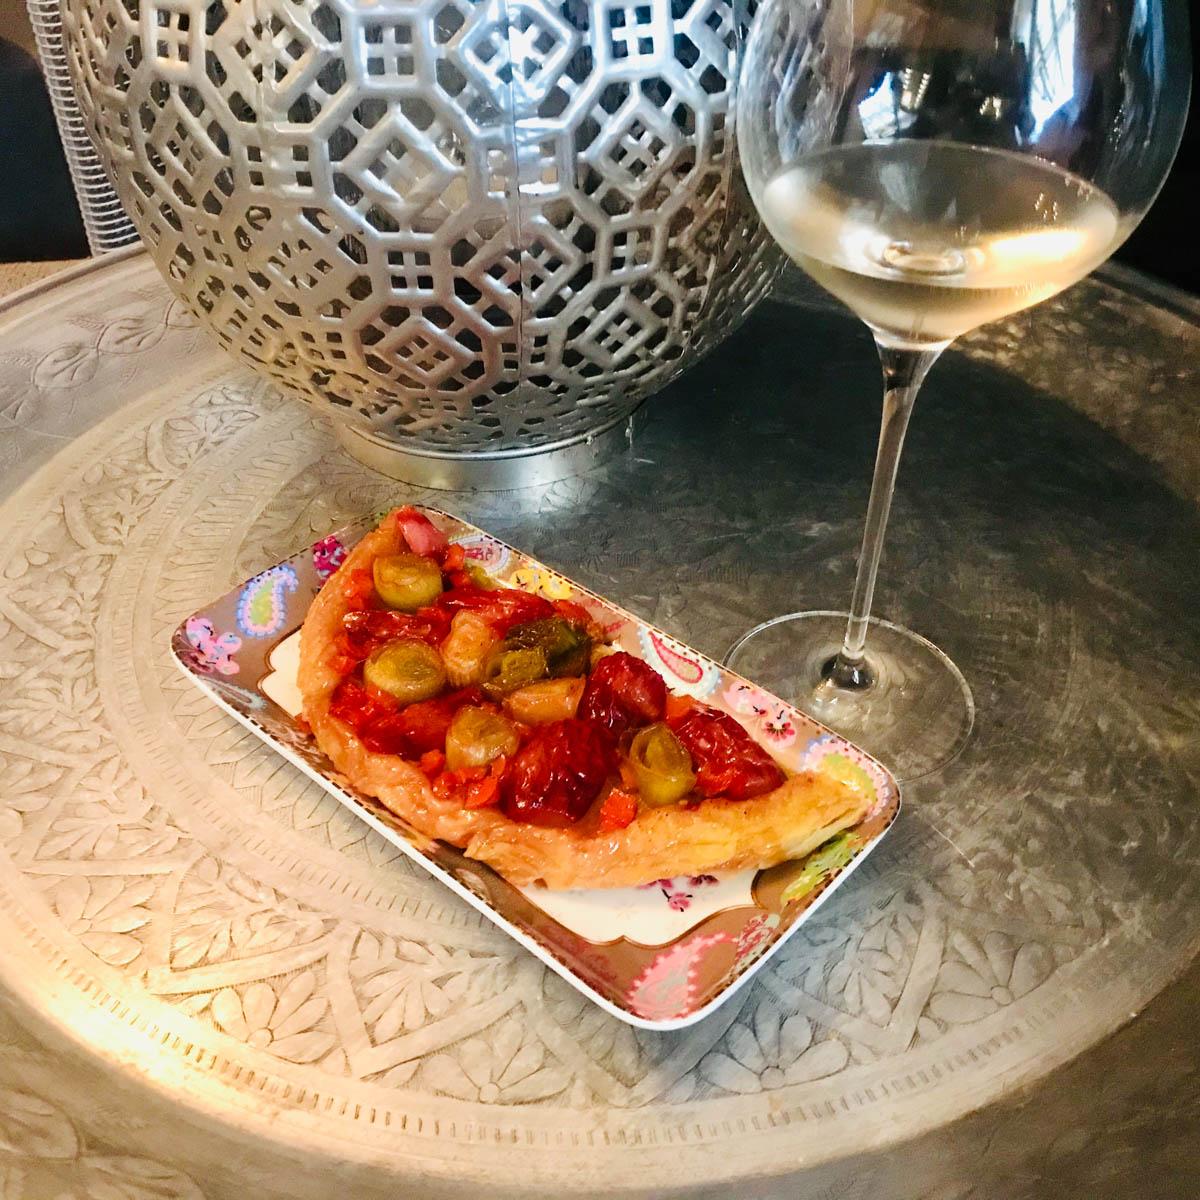 Hartige taart met radijs is lekker met een glaasje witte wijn.